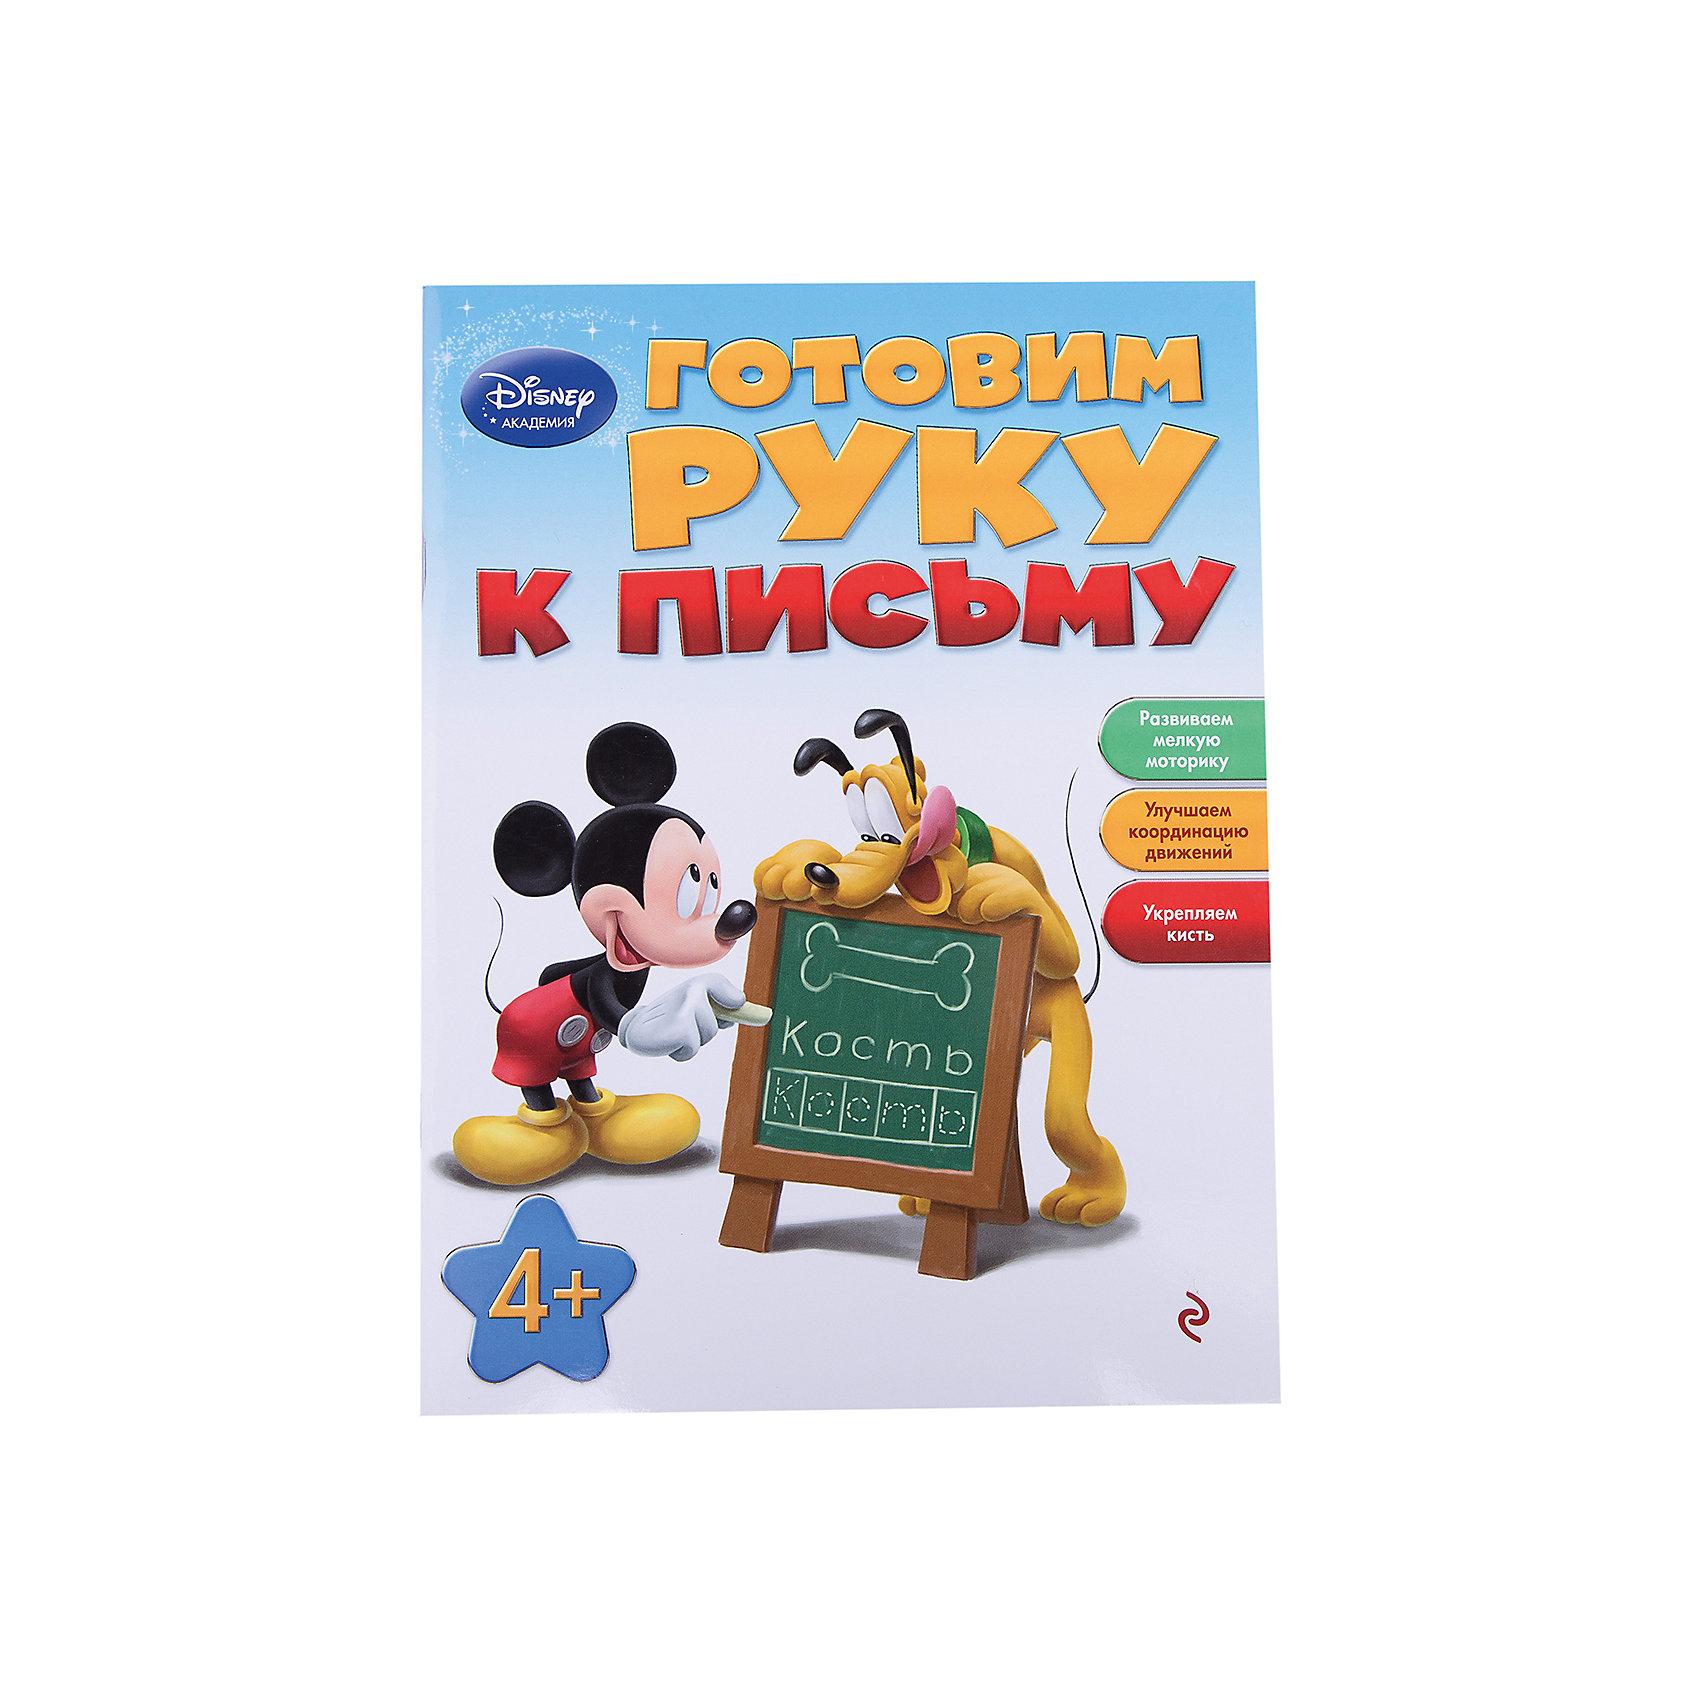 Эксмо Готовим руку к письму, Disney Академия готовим руку к письму развивающие прописи